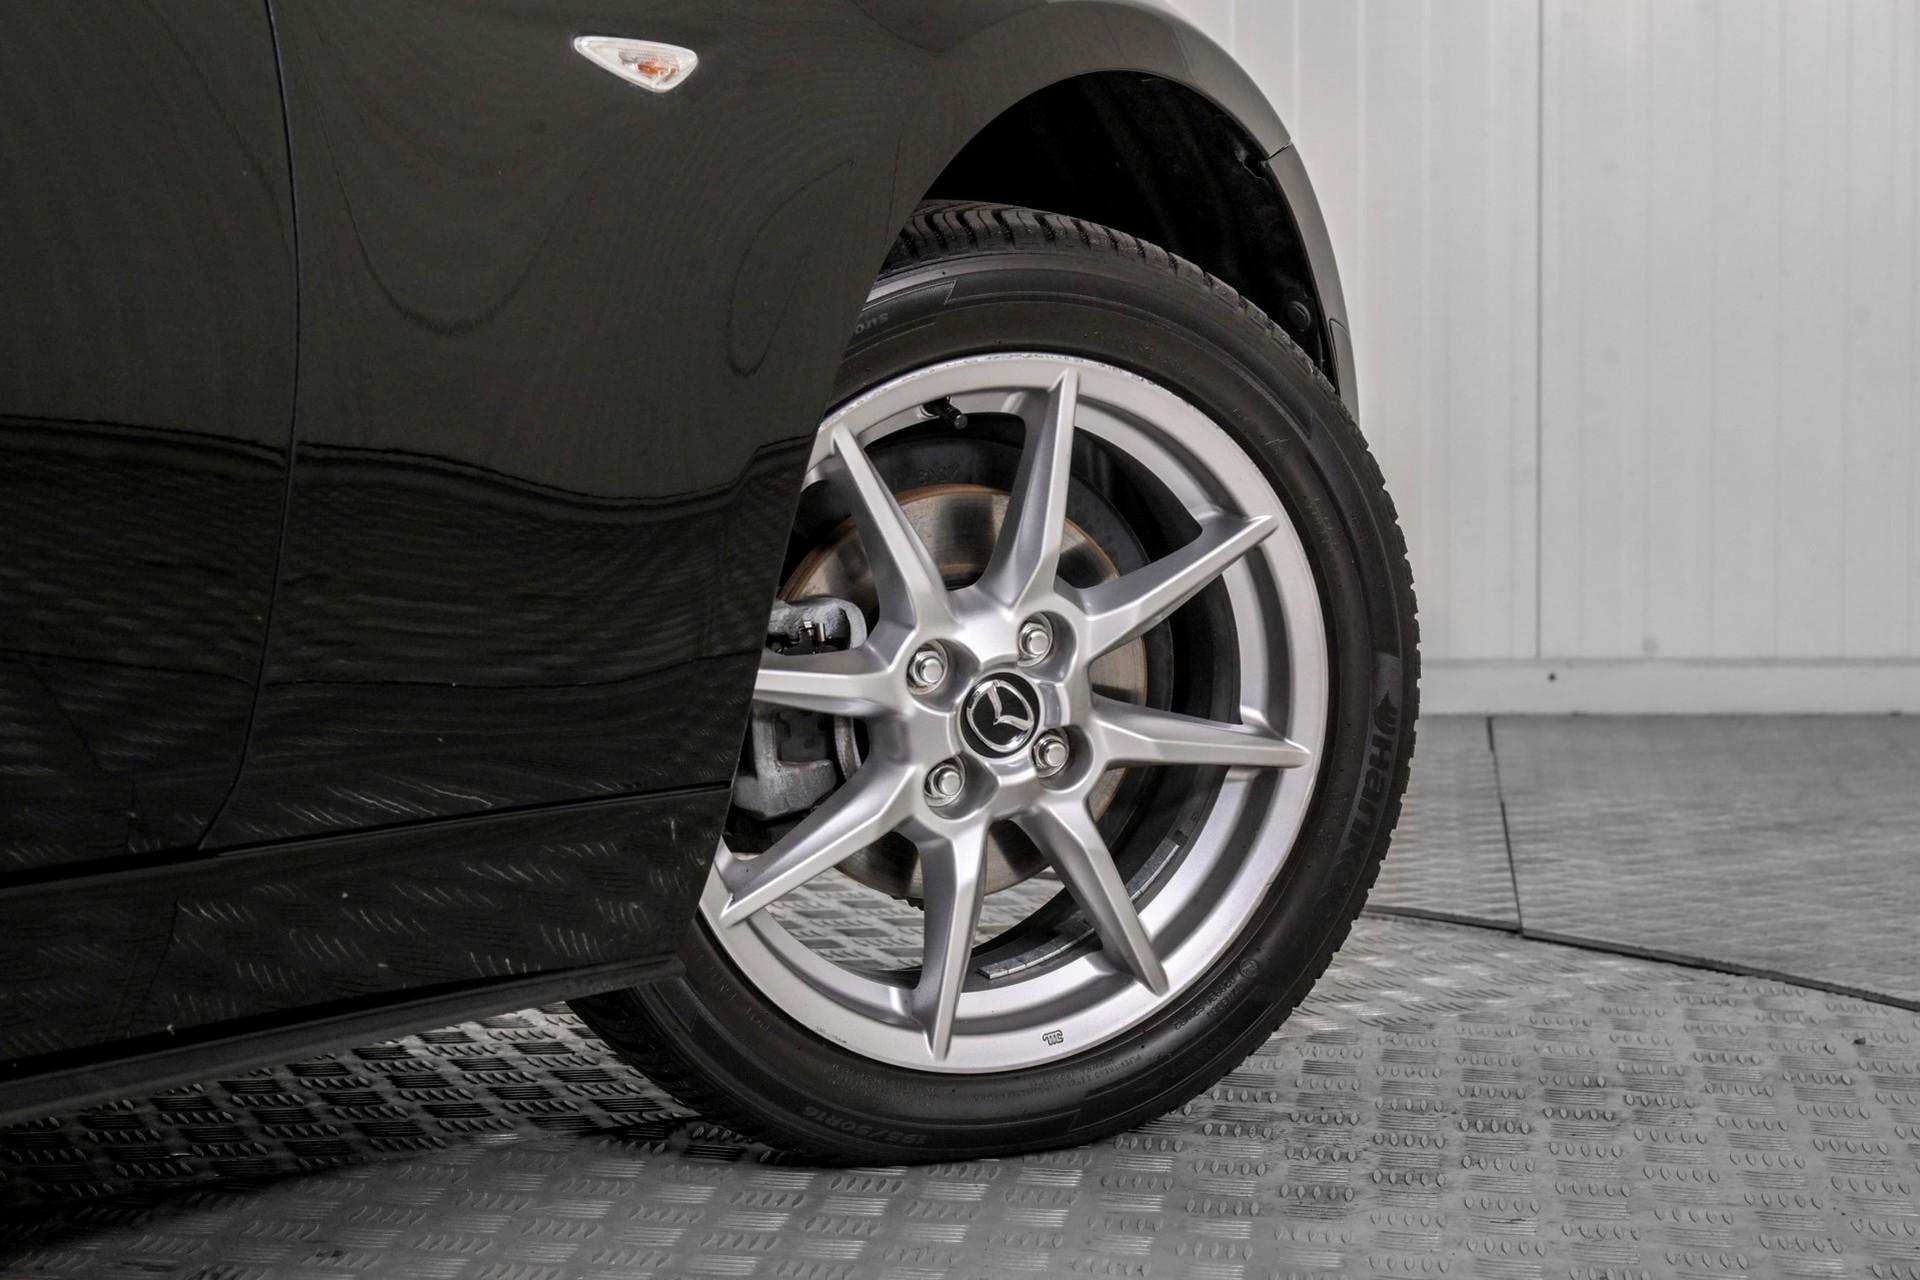 Mazda MX-5 1.5 SkyActiv-G 131 S Foto 54